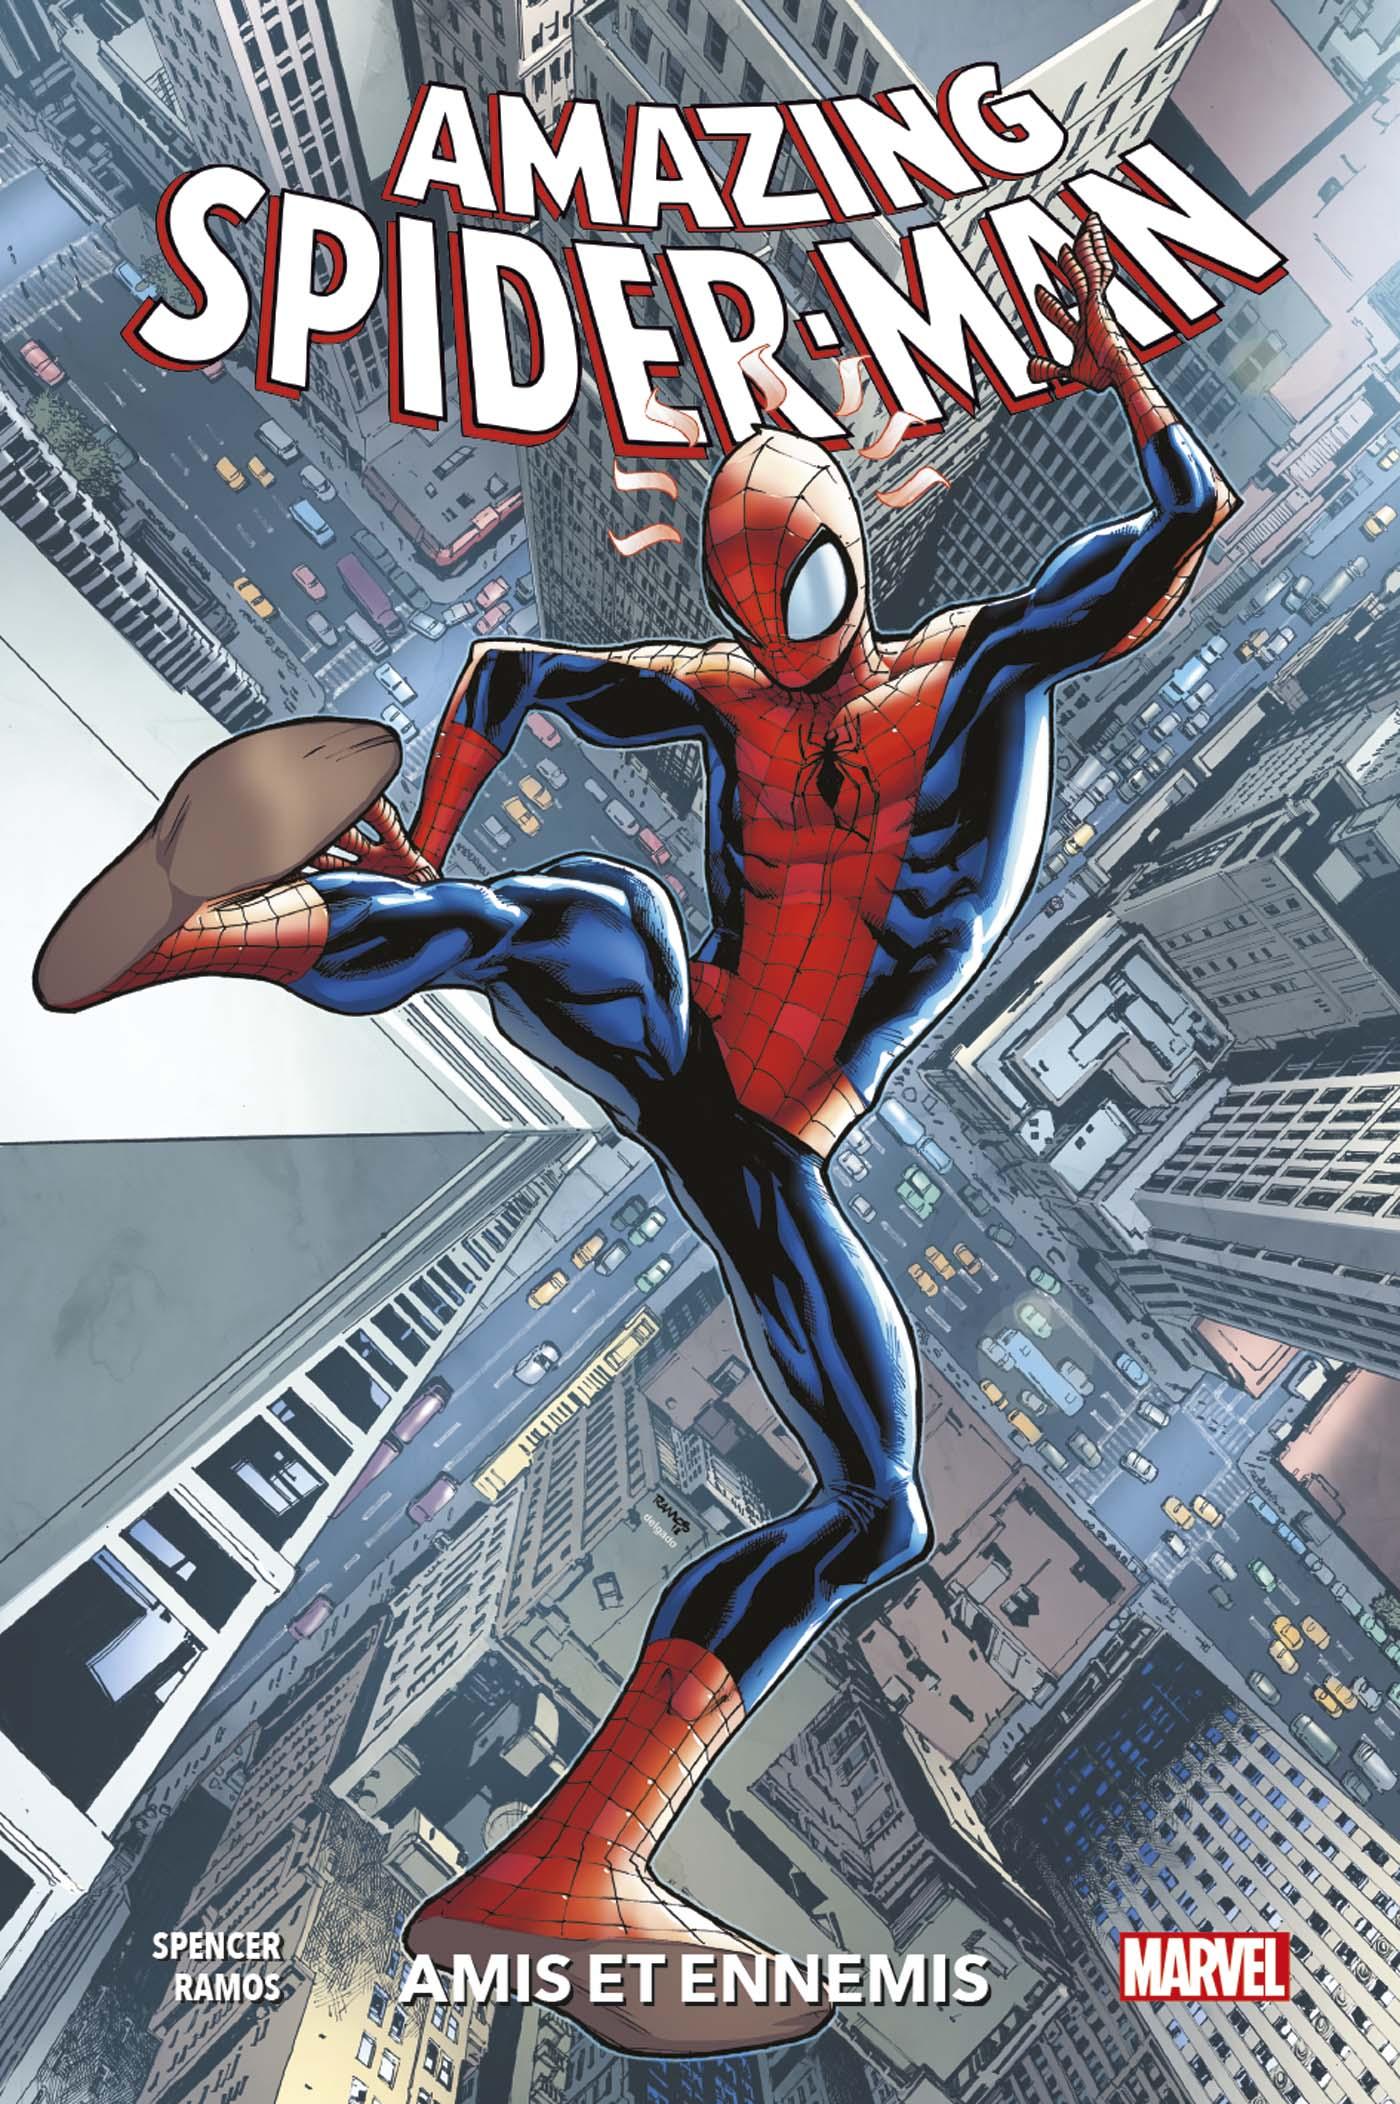 The Amazing Spider-Man 2 - Amis et ennemis